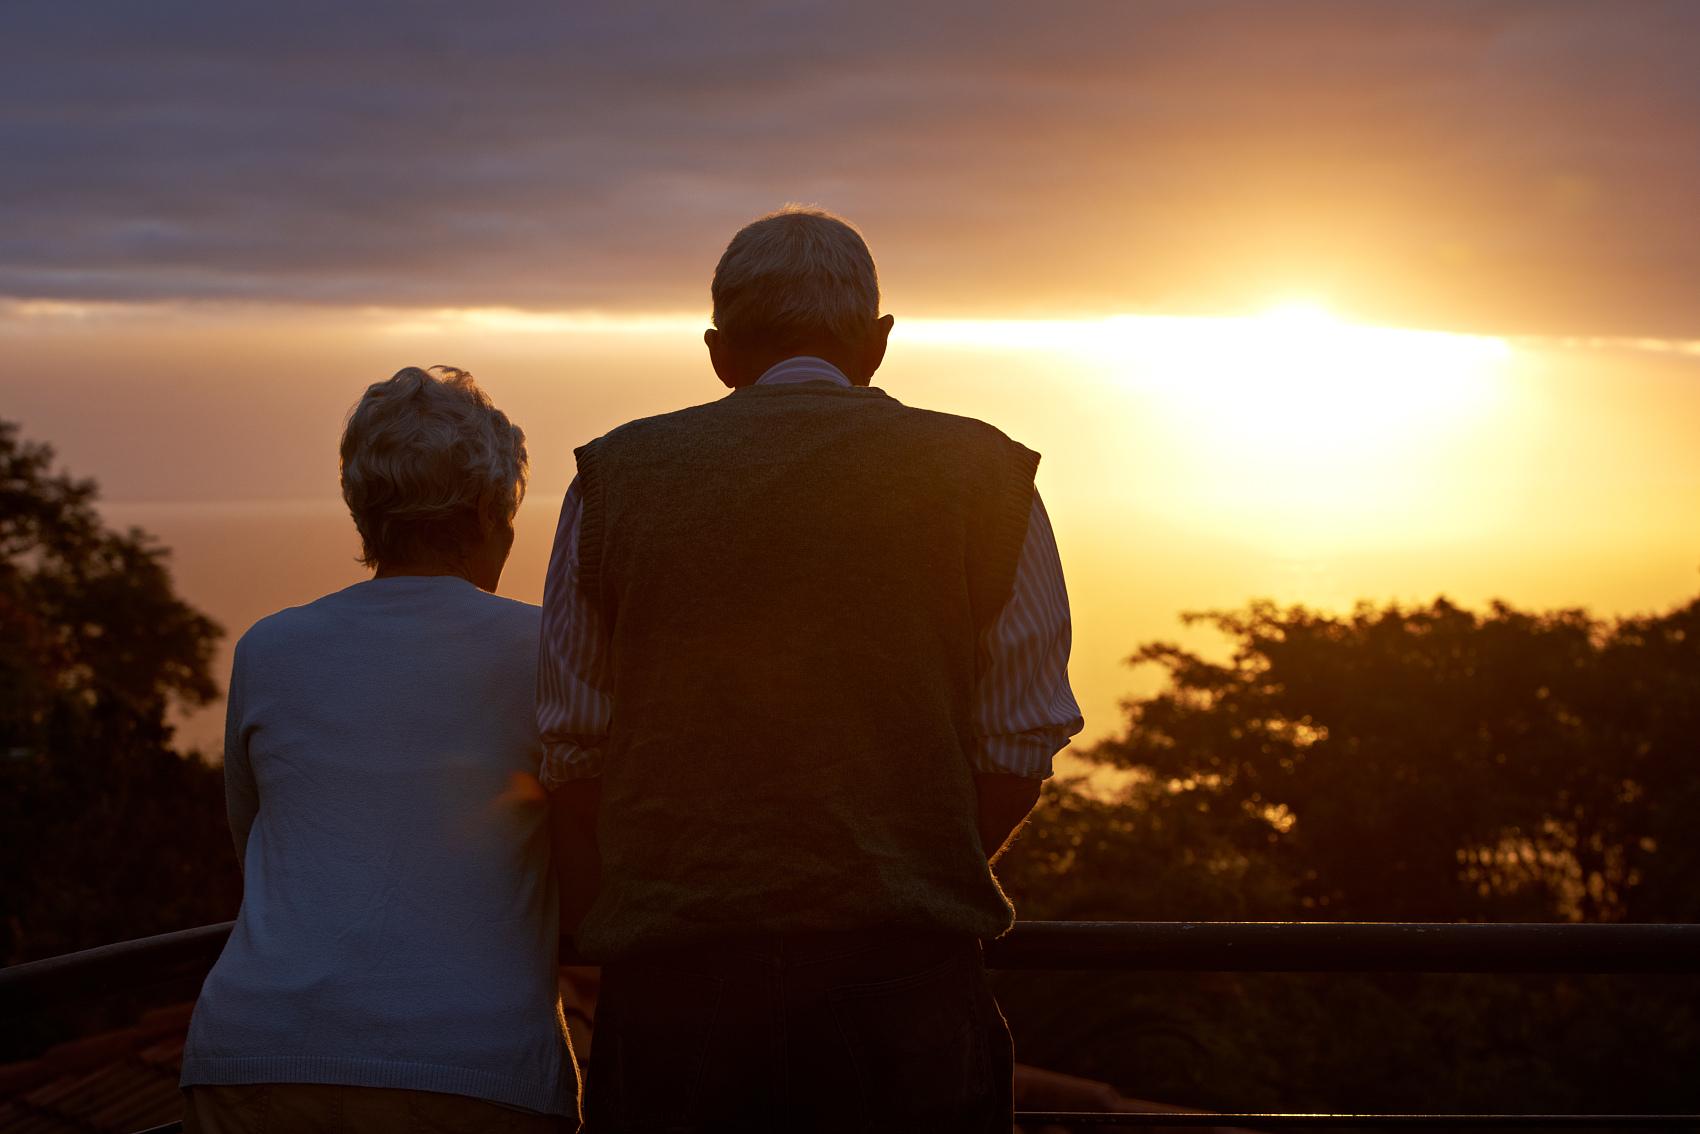 老年金融成为千亿市场, 不过别把老人当流量收割